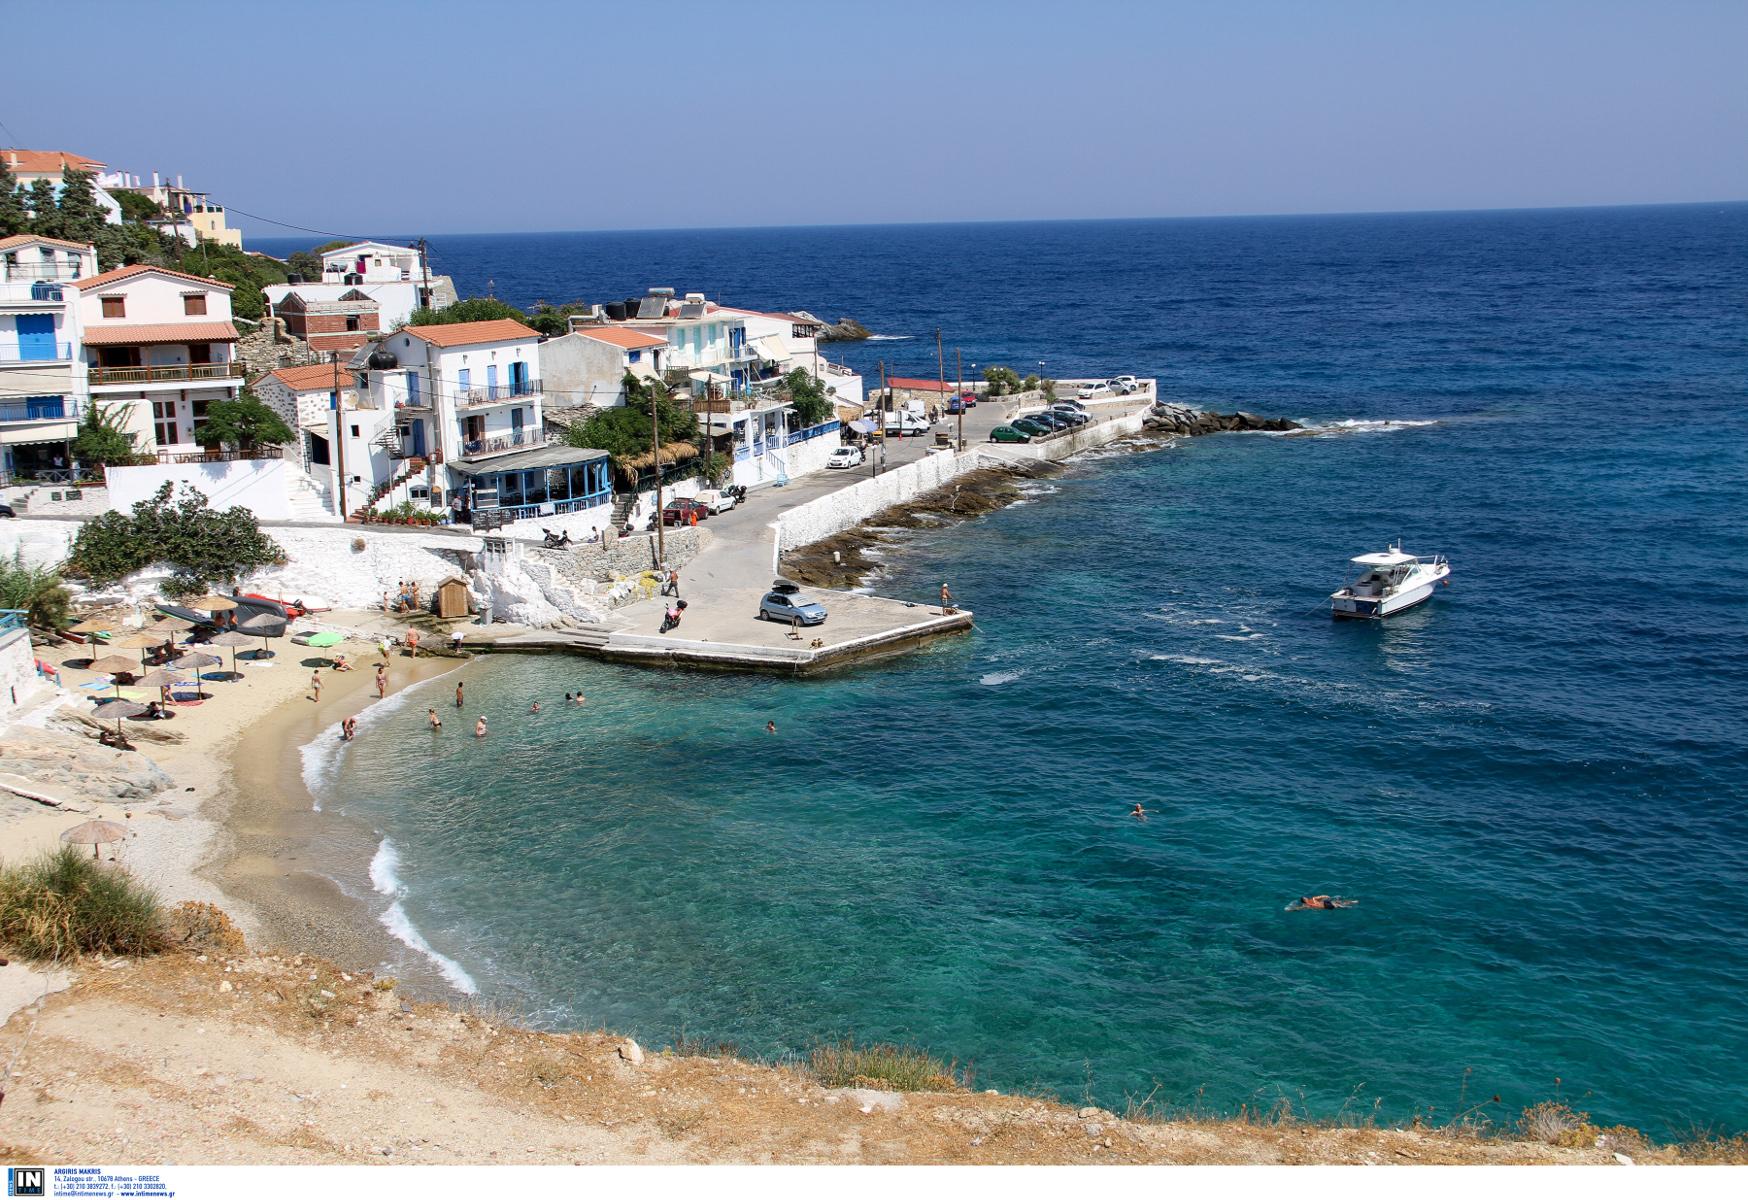 Τα πέντε ελληνικά νησιά που προτείνει το Focus για διακοπές στους Γερμανούς